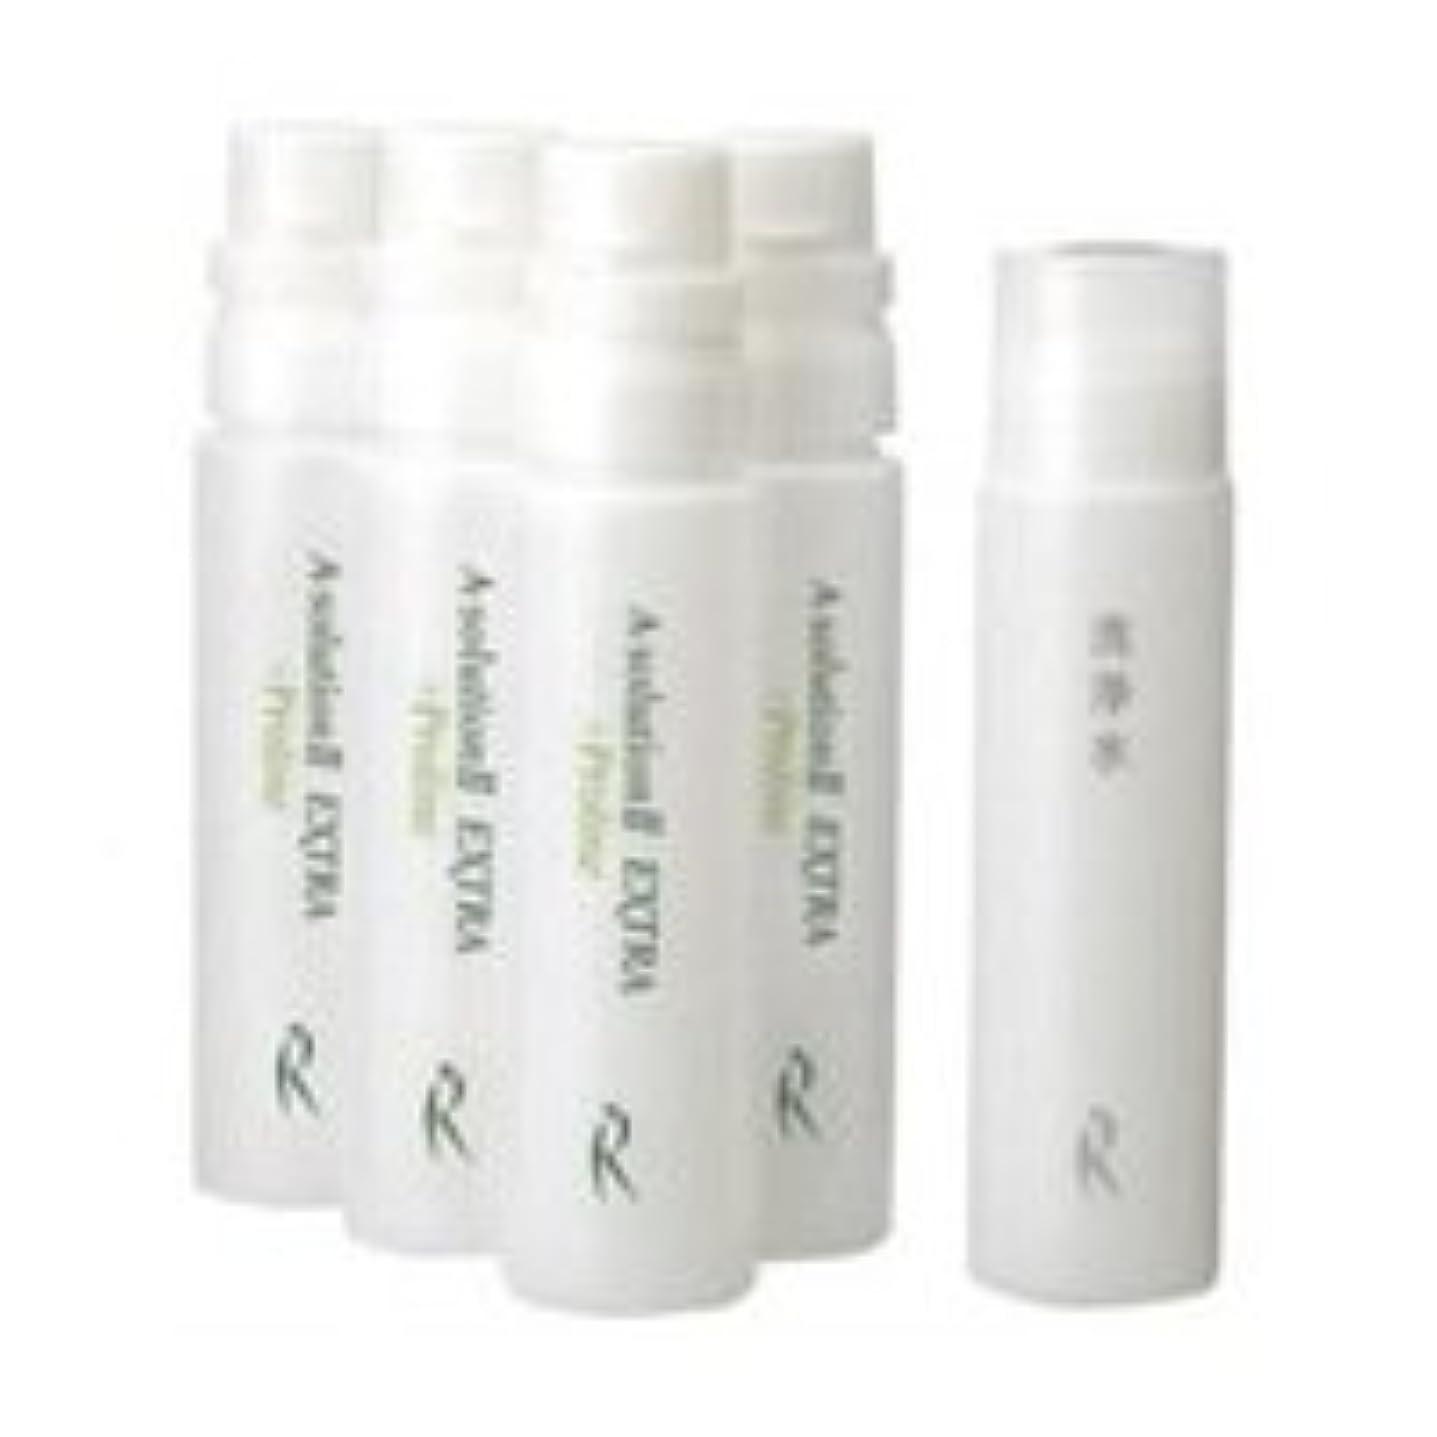 ハング派生するプリーツA-ソリューション エクストラ+プロリン / REVENIR  レブニール プラチナアクイシモ専用美容液